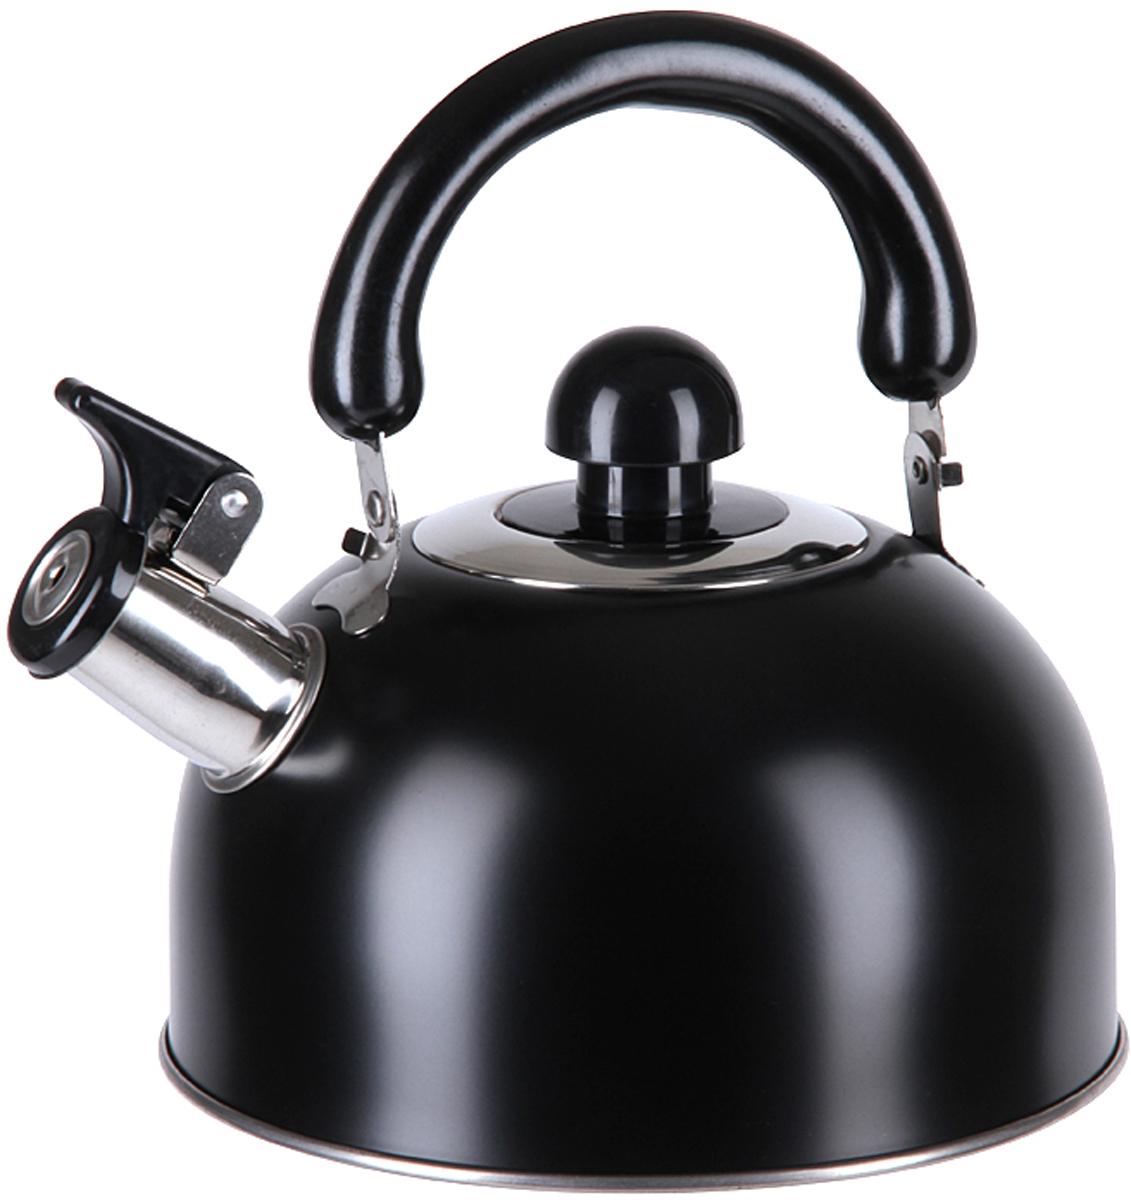 Чайник Pomi d'Oro PSS-650011-L, со свистком, 3 л. 77.858@26763 чайник pomi d'oro pss 650011 l со свистком 3 л 77 858 26763